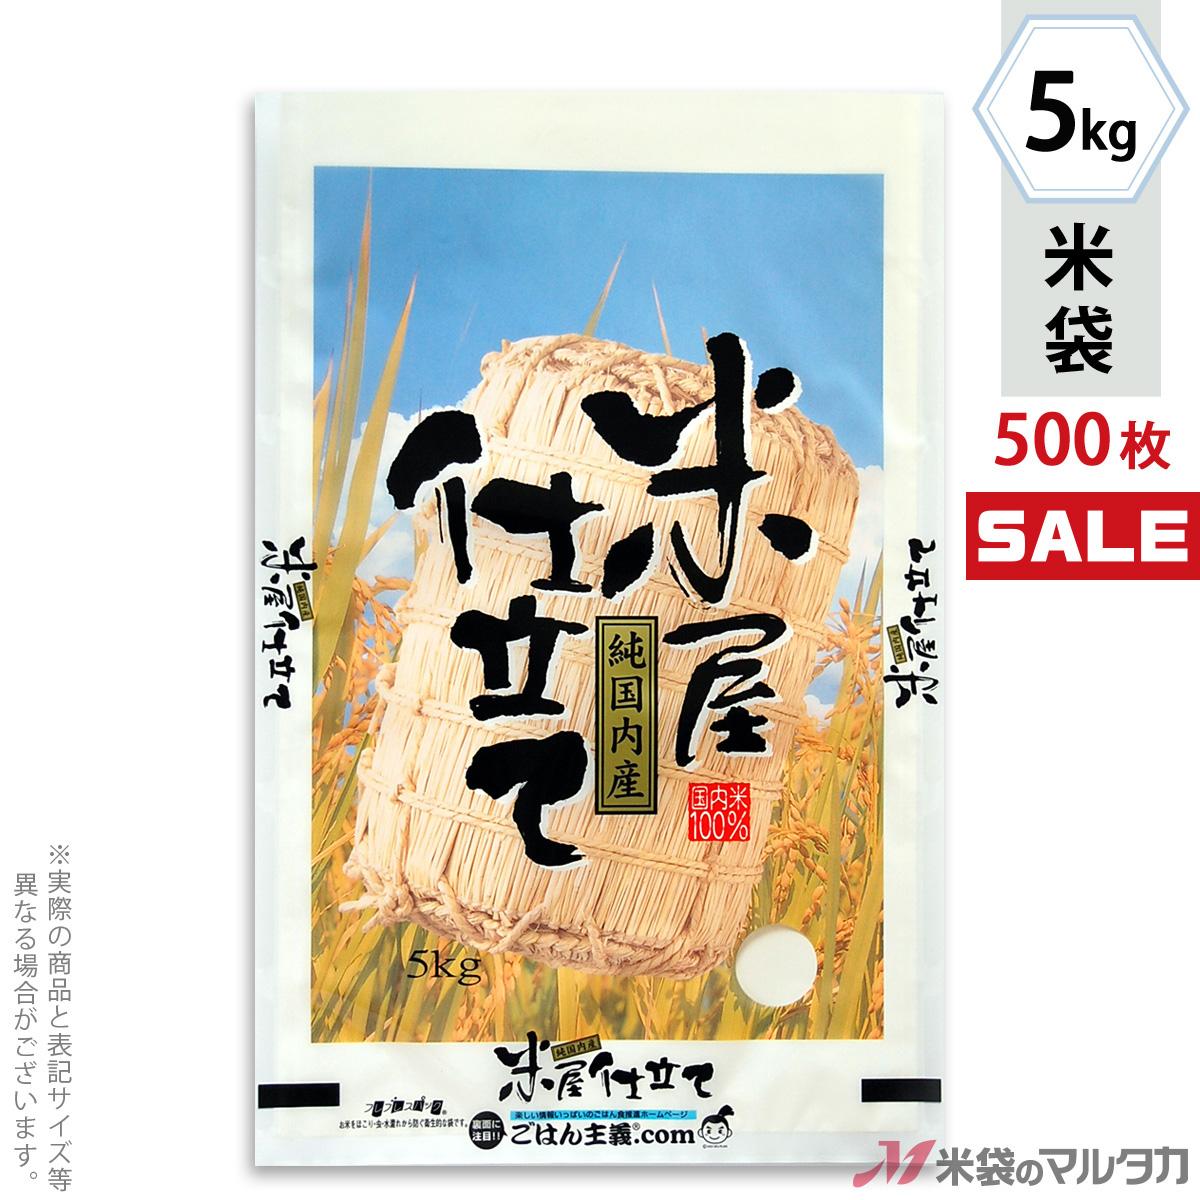 <キャンペーン対応>米袋 ラミ フレブレス 米屋仕立て福俵 5kg 1ケース(500枚入) MN-6120